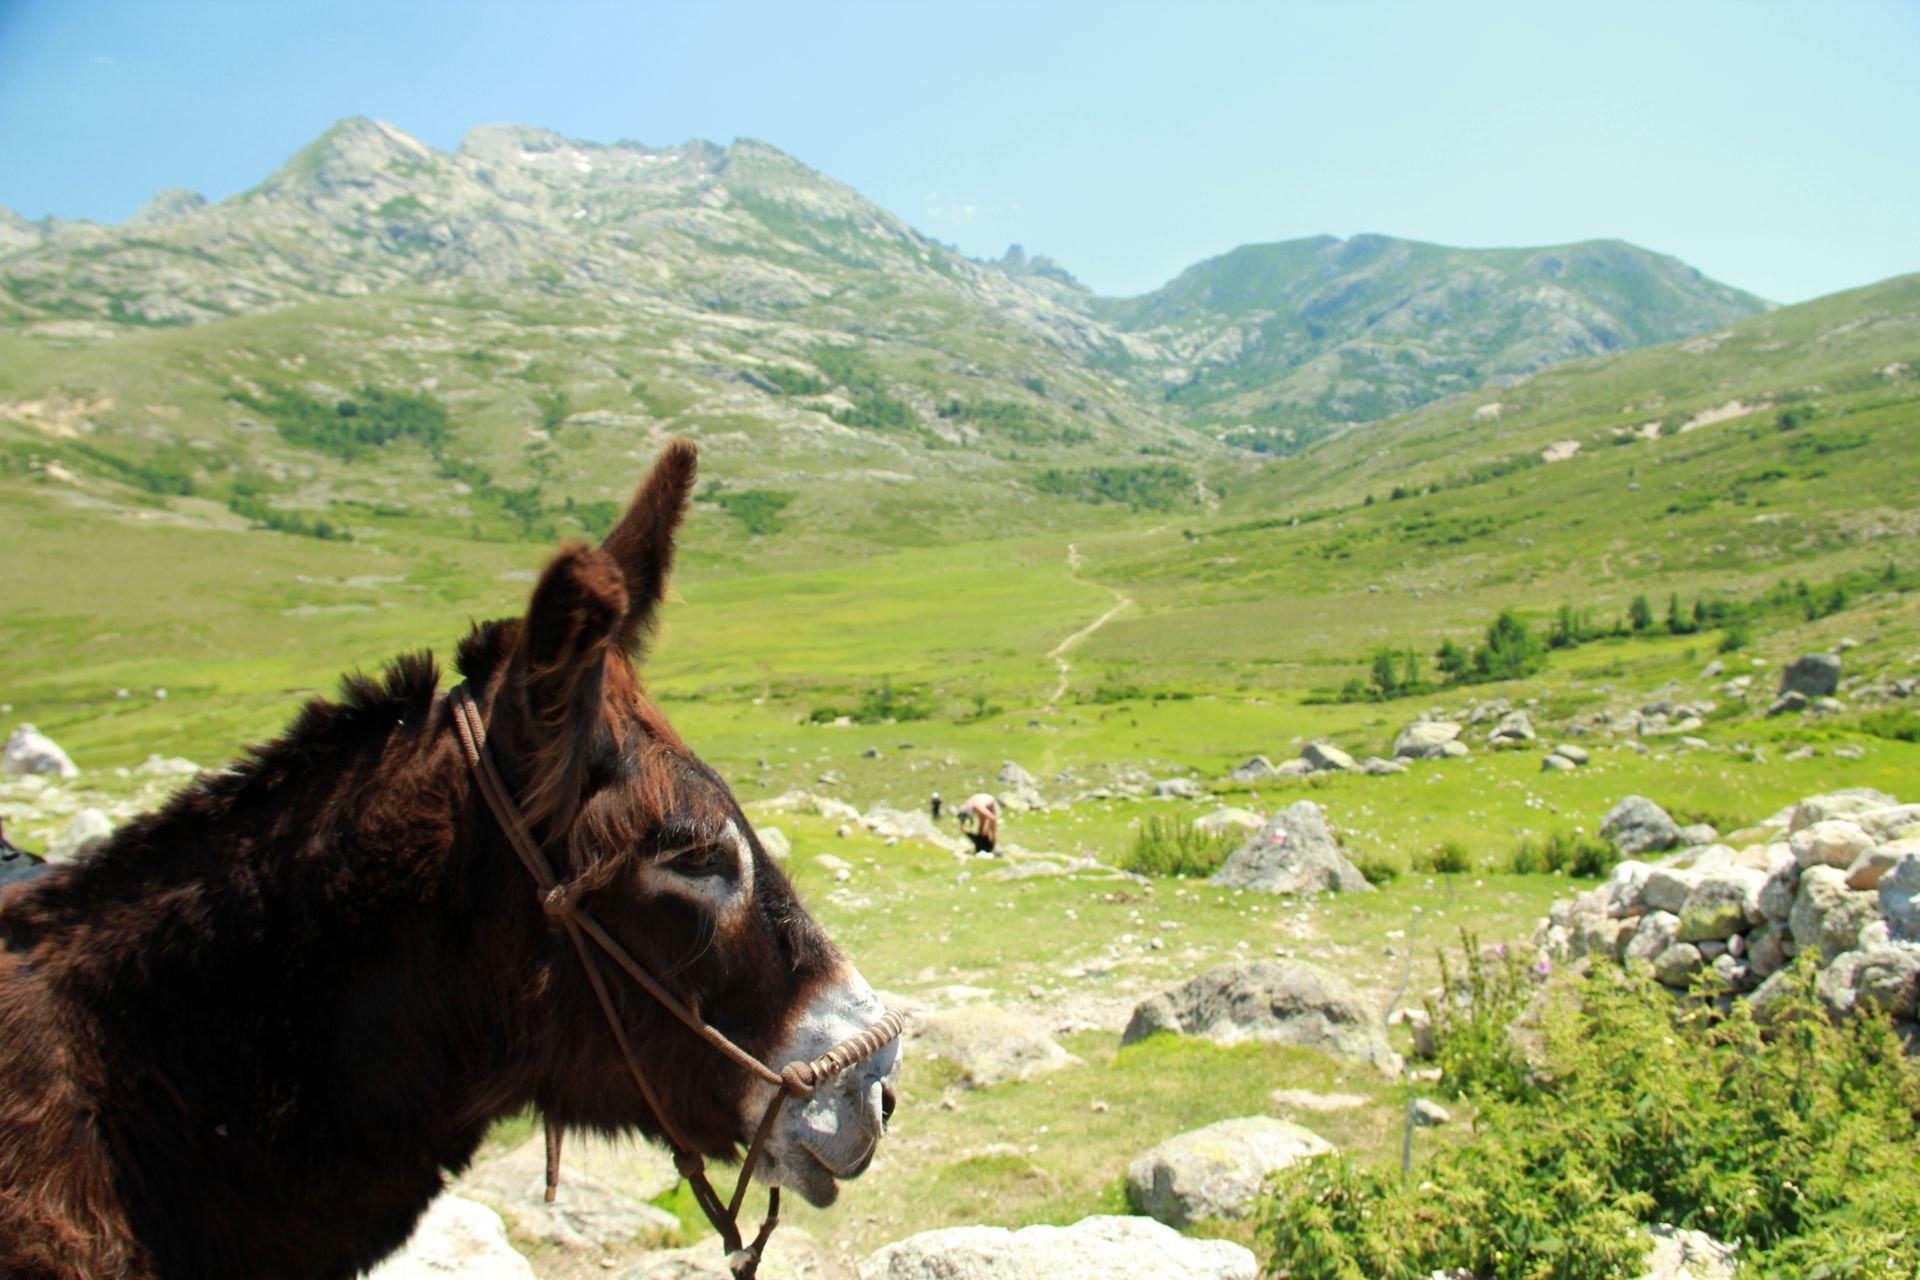 Esel Bronco vor korsischer Idylle © Christine Hutterer